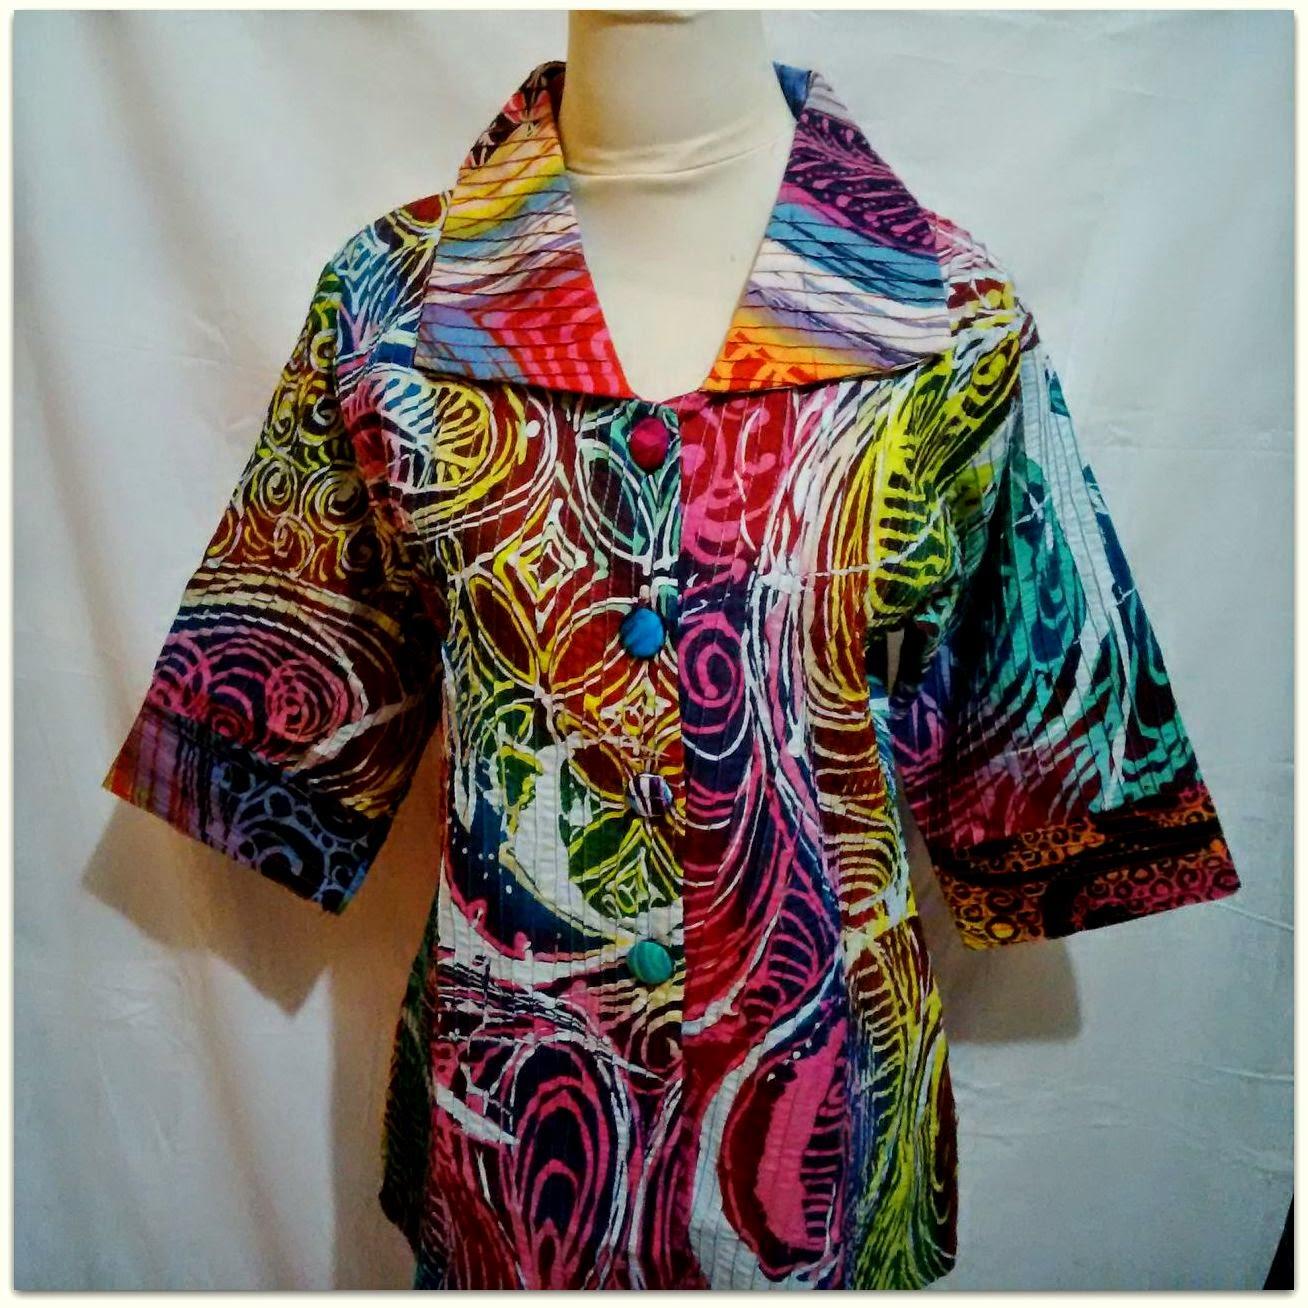 Baju Batik Tulis Ini Unik Dengan Warna Yang Menarik Cocok Untuk Kebutuhan  Fashion Batik Anda 79c3db4363